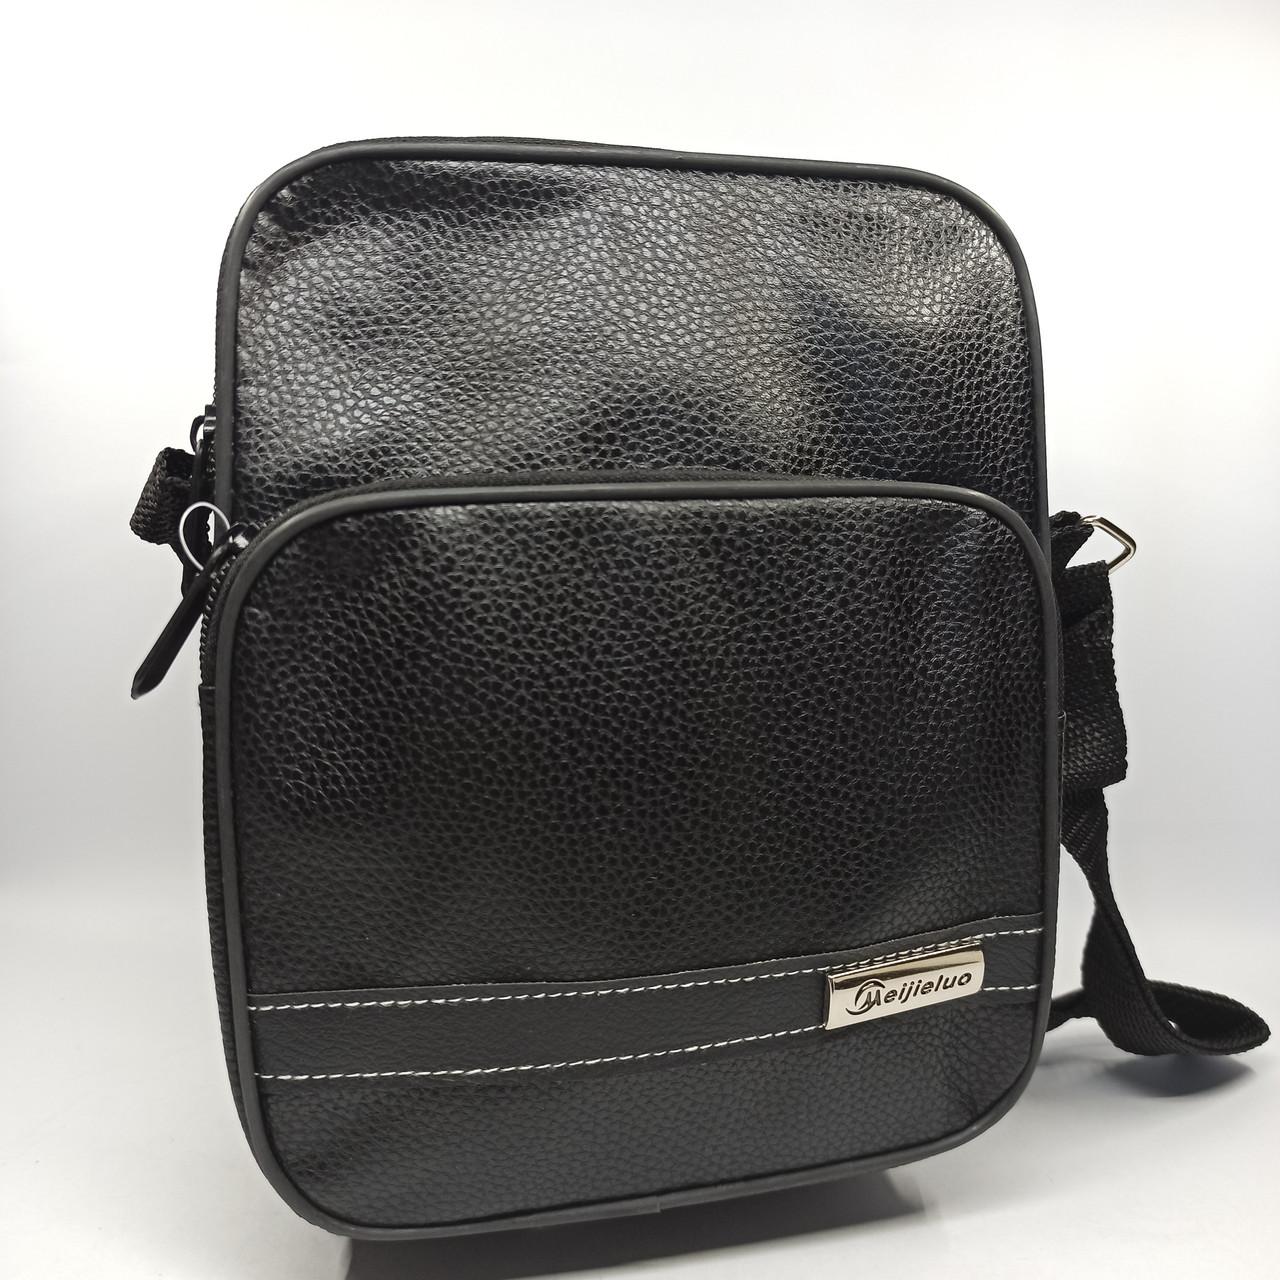 Шкіряна чоловіча сумка через плече / Мужская кожаная сумка через плечо 061-1